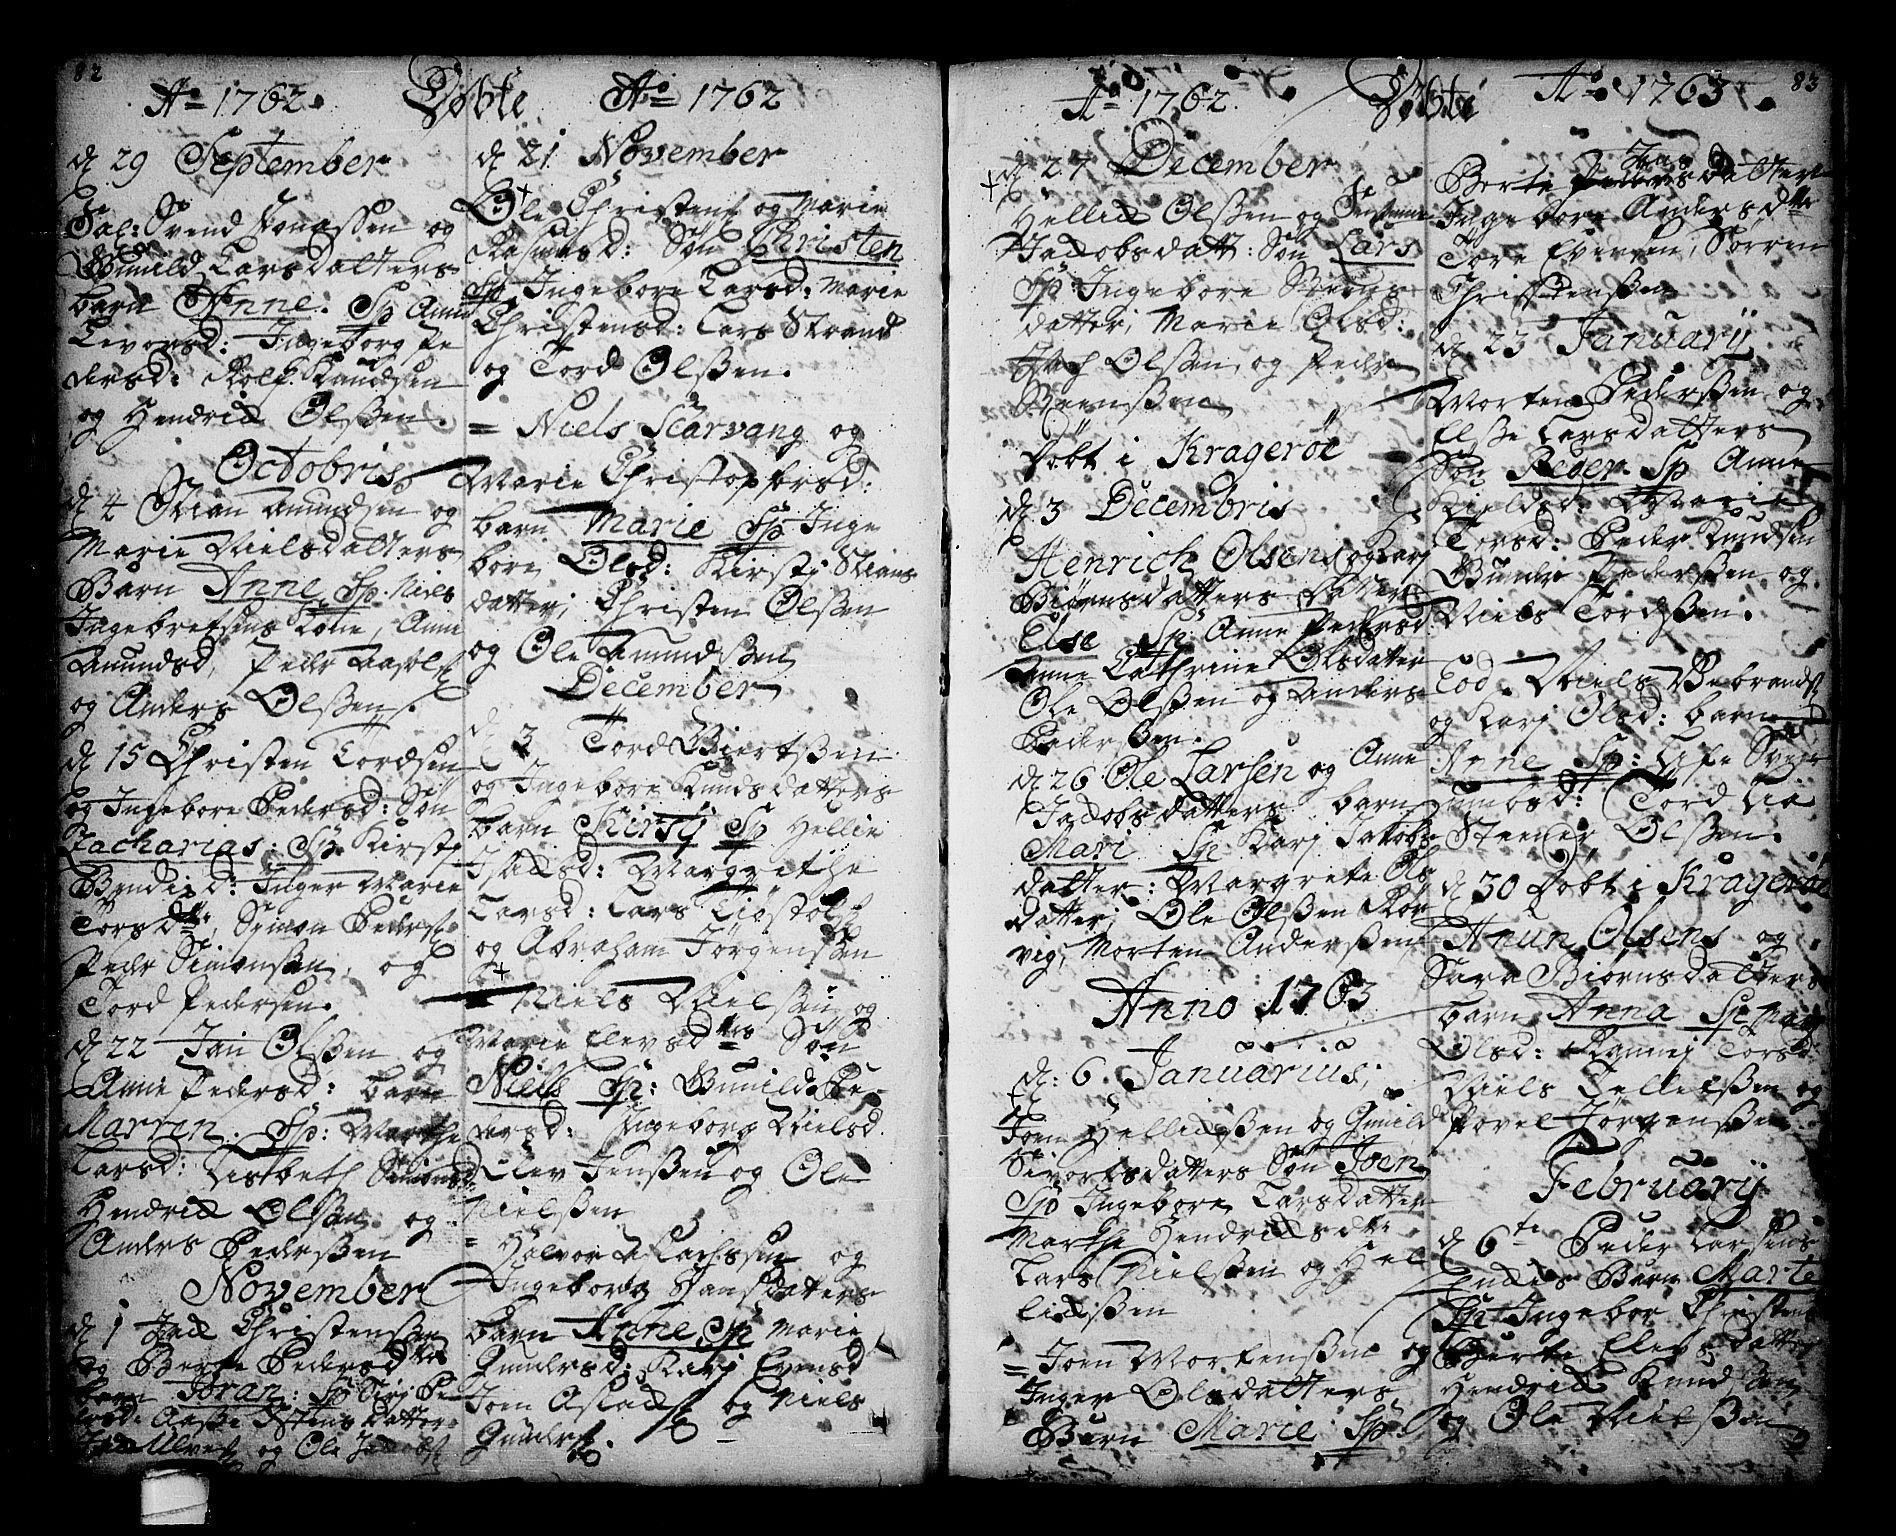 SAKO, Sannidal kirkebøker, F/Fa/L0001: Ministerialbok nr. 1, 1702-1766, s. 82-83